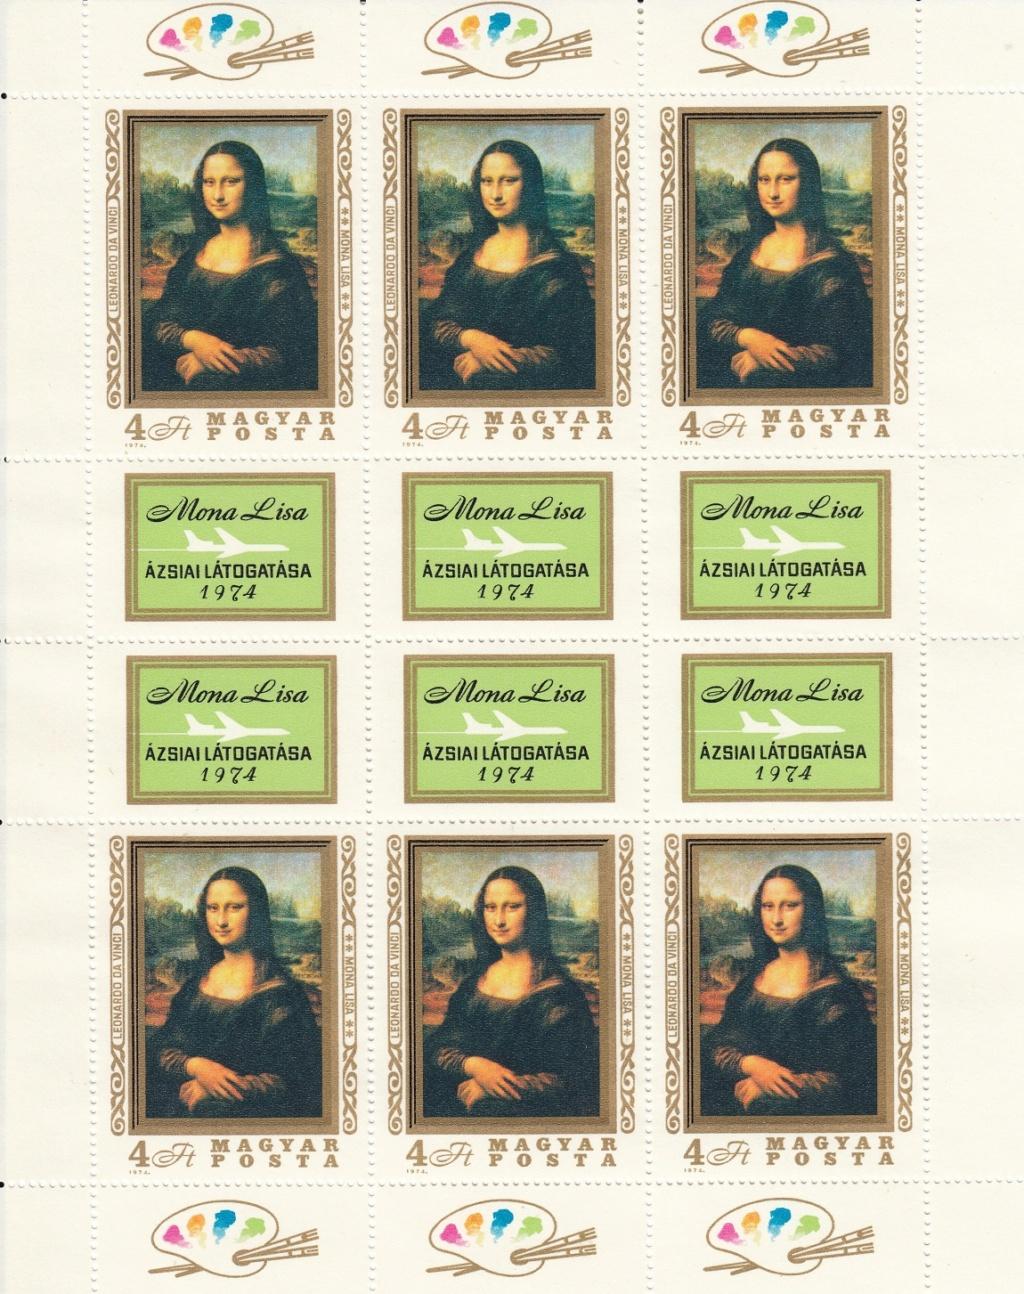 Leonardo da Vinci - Gilt als einer der berühmtesten Universalgelehrten aller Zeiten Ldv510